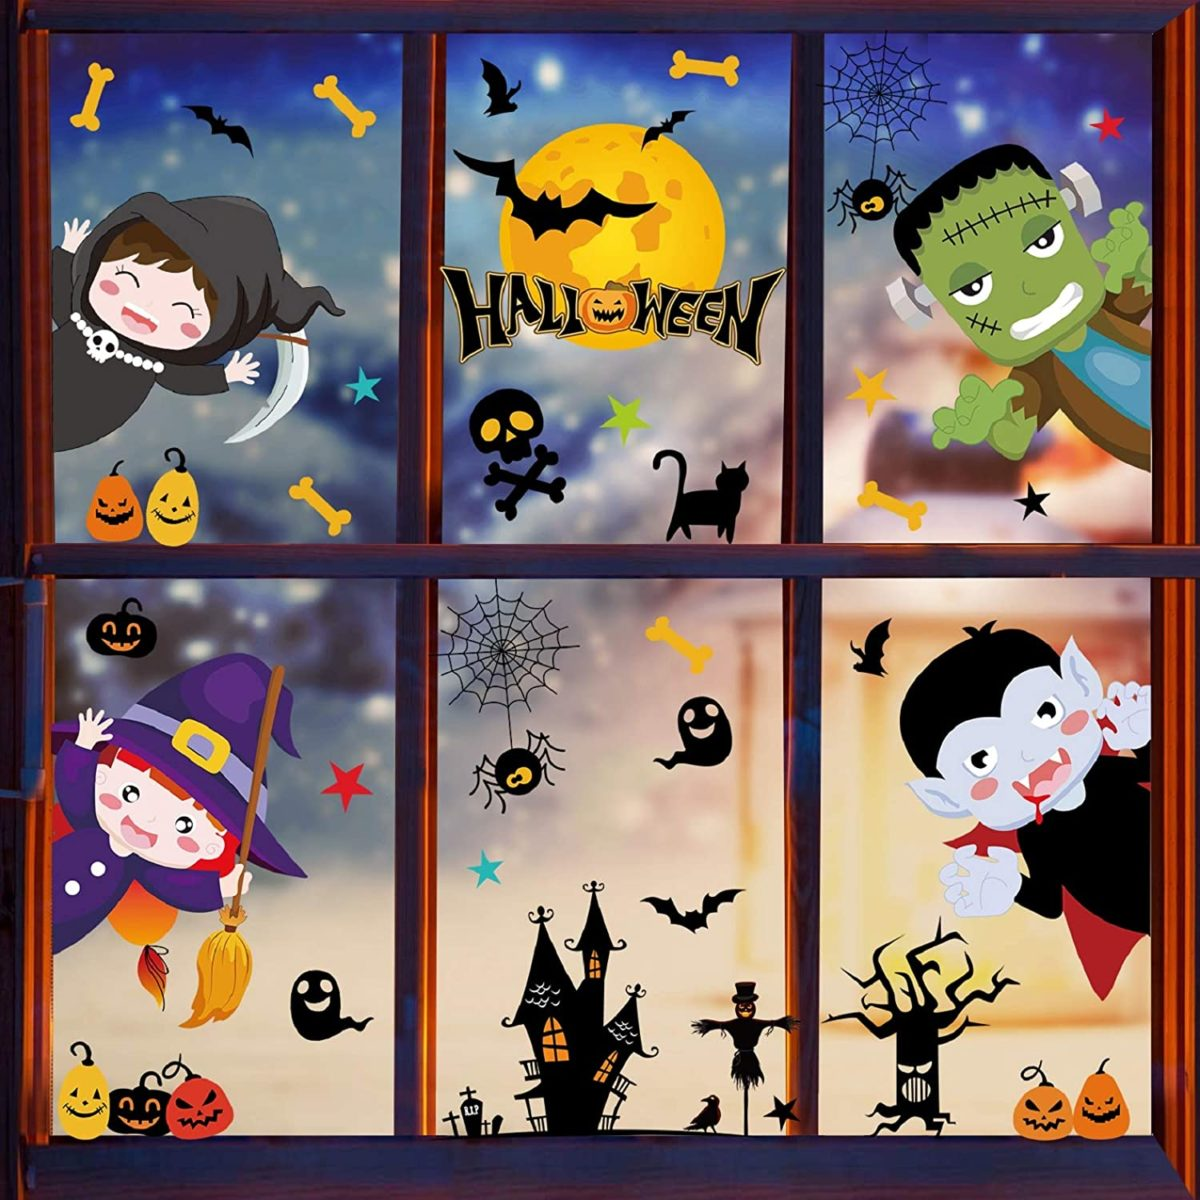 décor halloween pour fenêtre autocollants fenêtre pour enfant